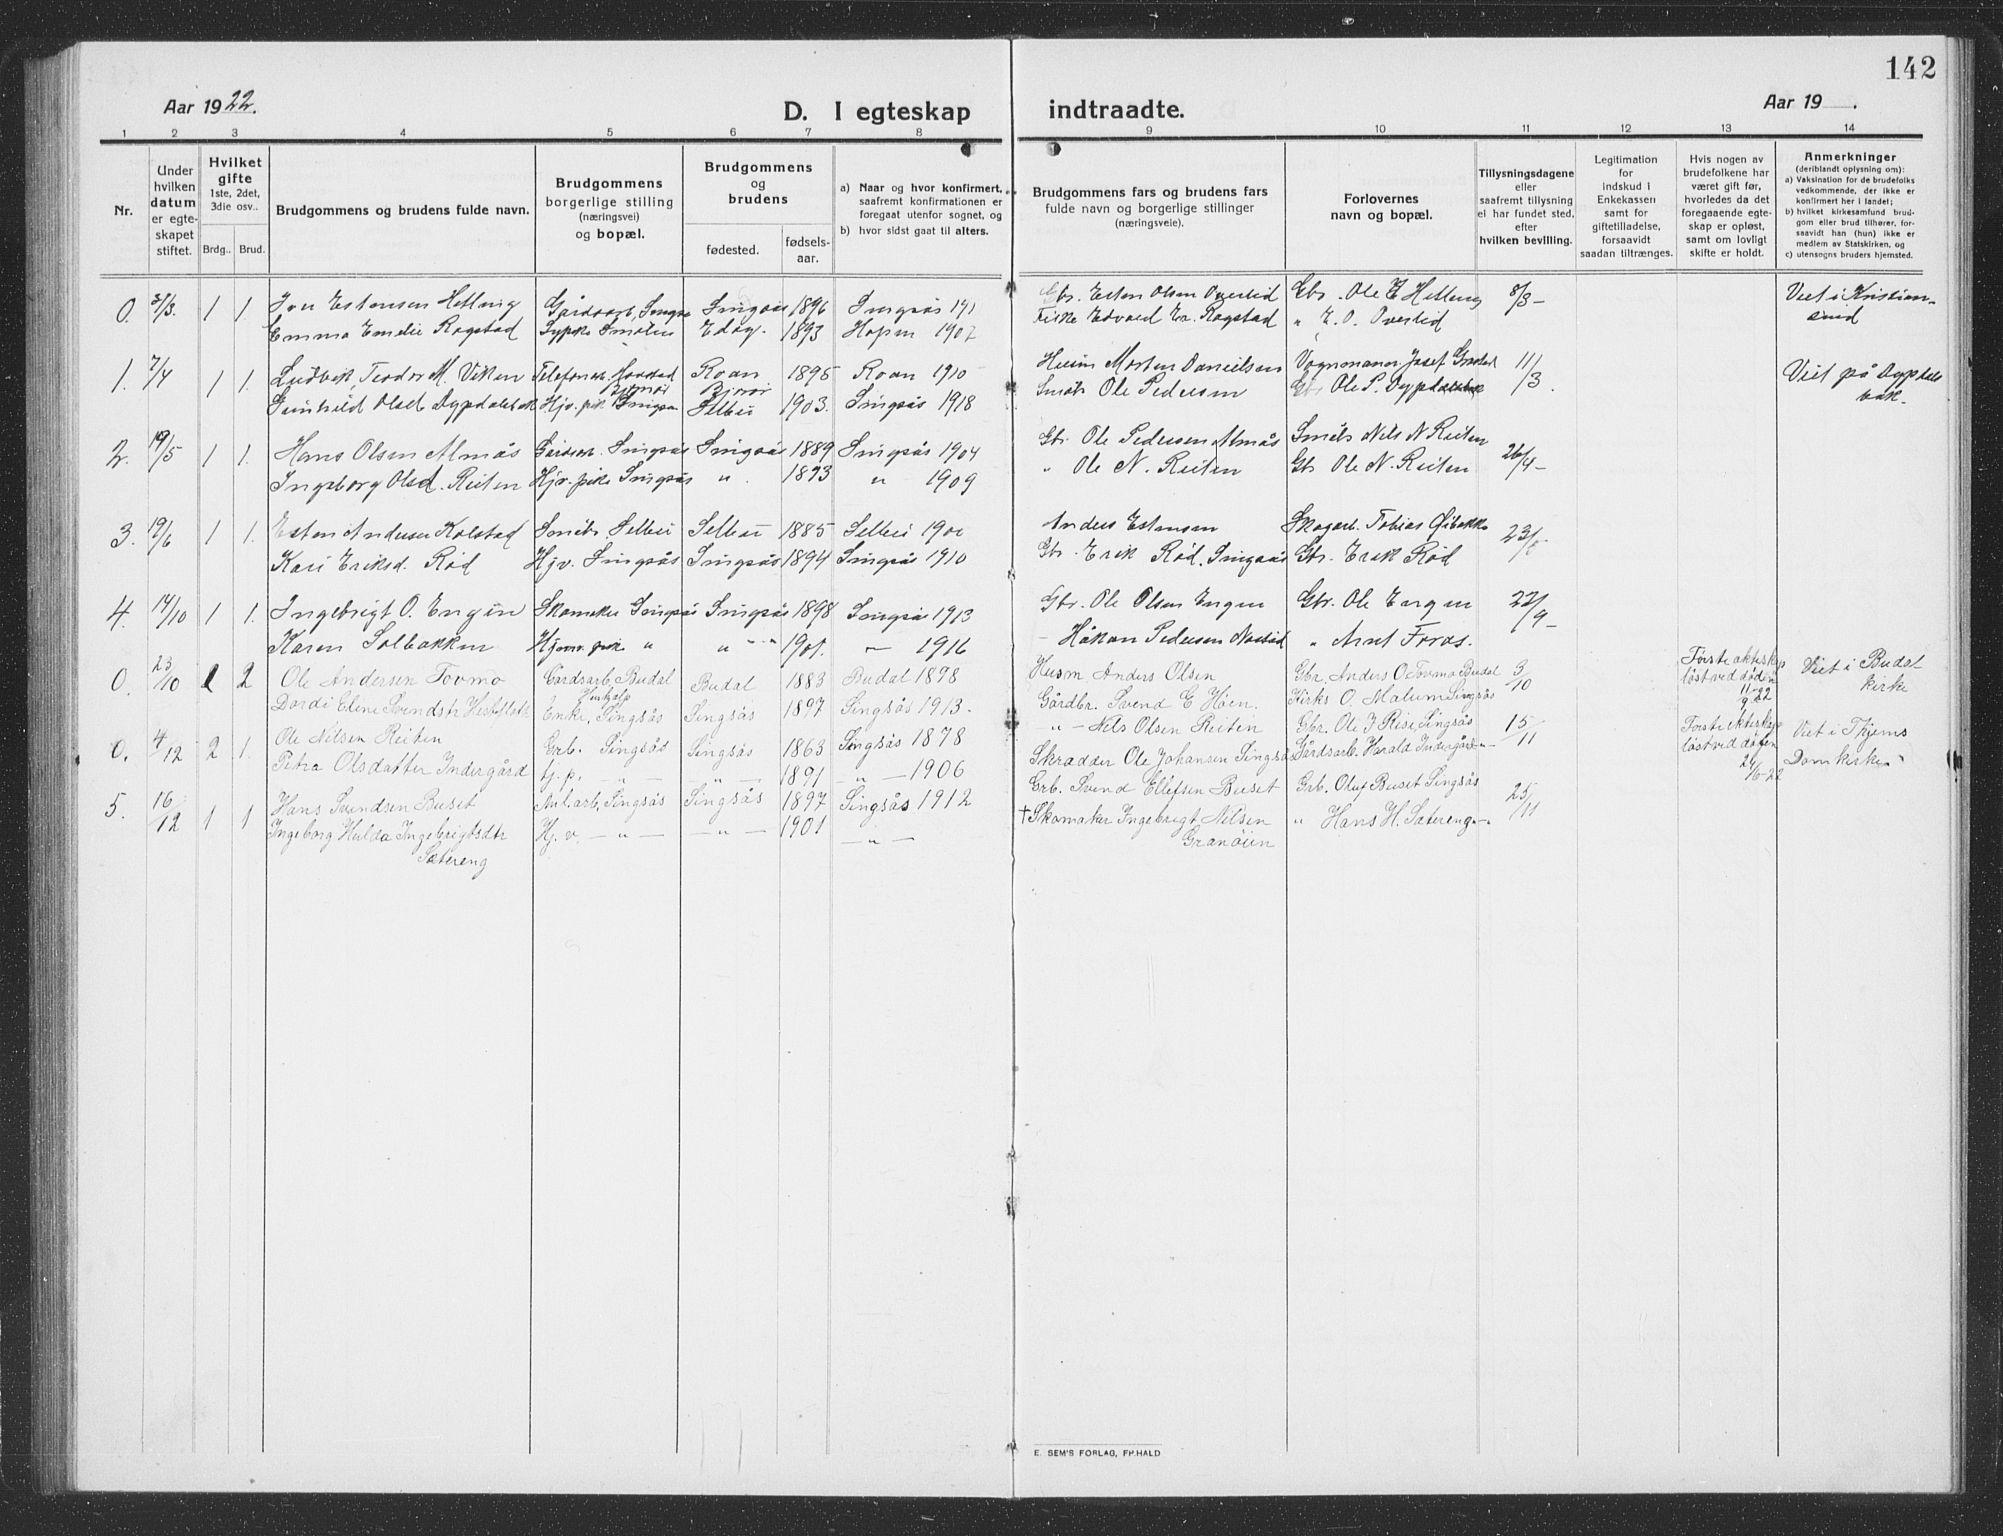 SAT, Ministerialprotokoller, klokkerbøker og fødselsregistre - Sør-Trøndelag, 688/L1030: Klokkerbok nr. 688C05, 1916-1939, s. 142